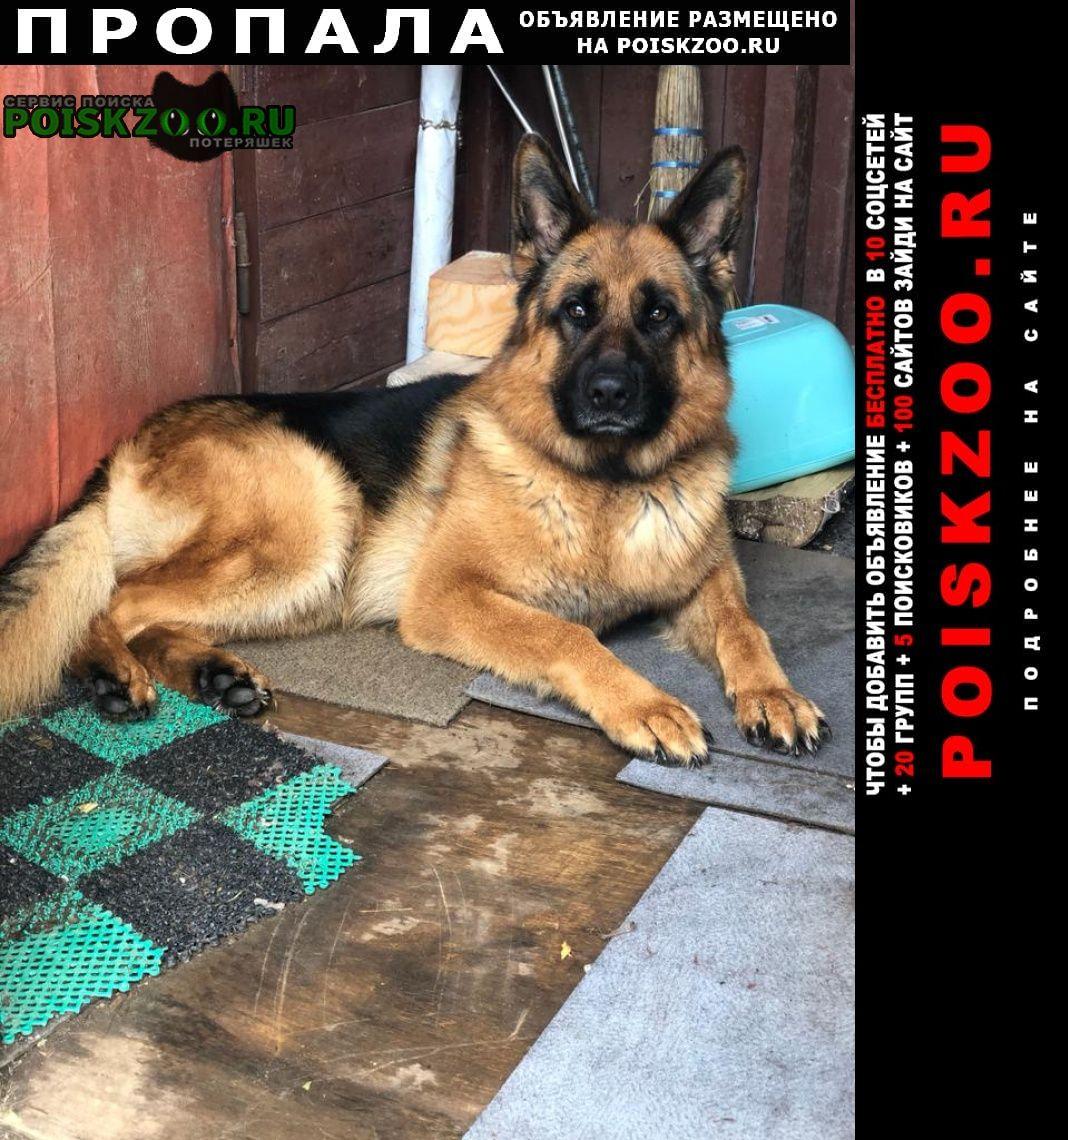 Пропала собака кобель немецкая овчарка илай Солнечногорск